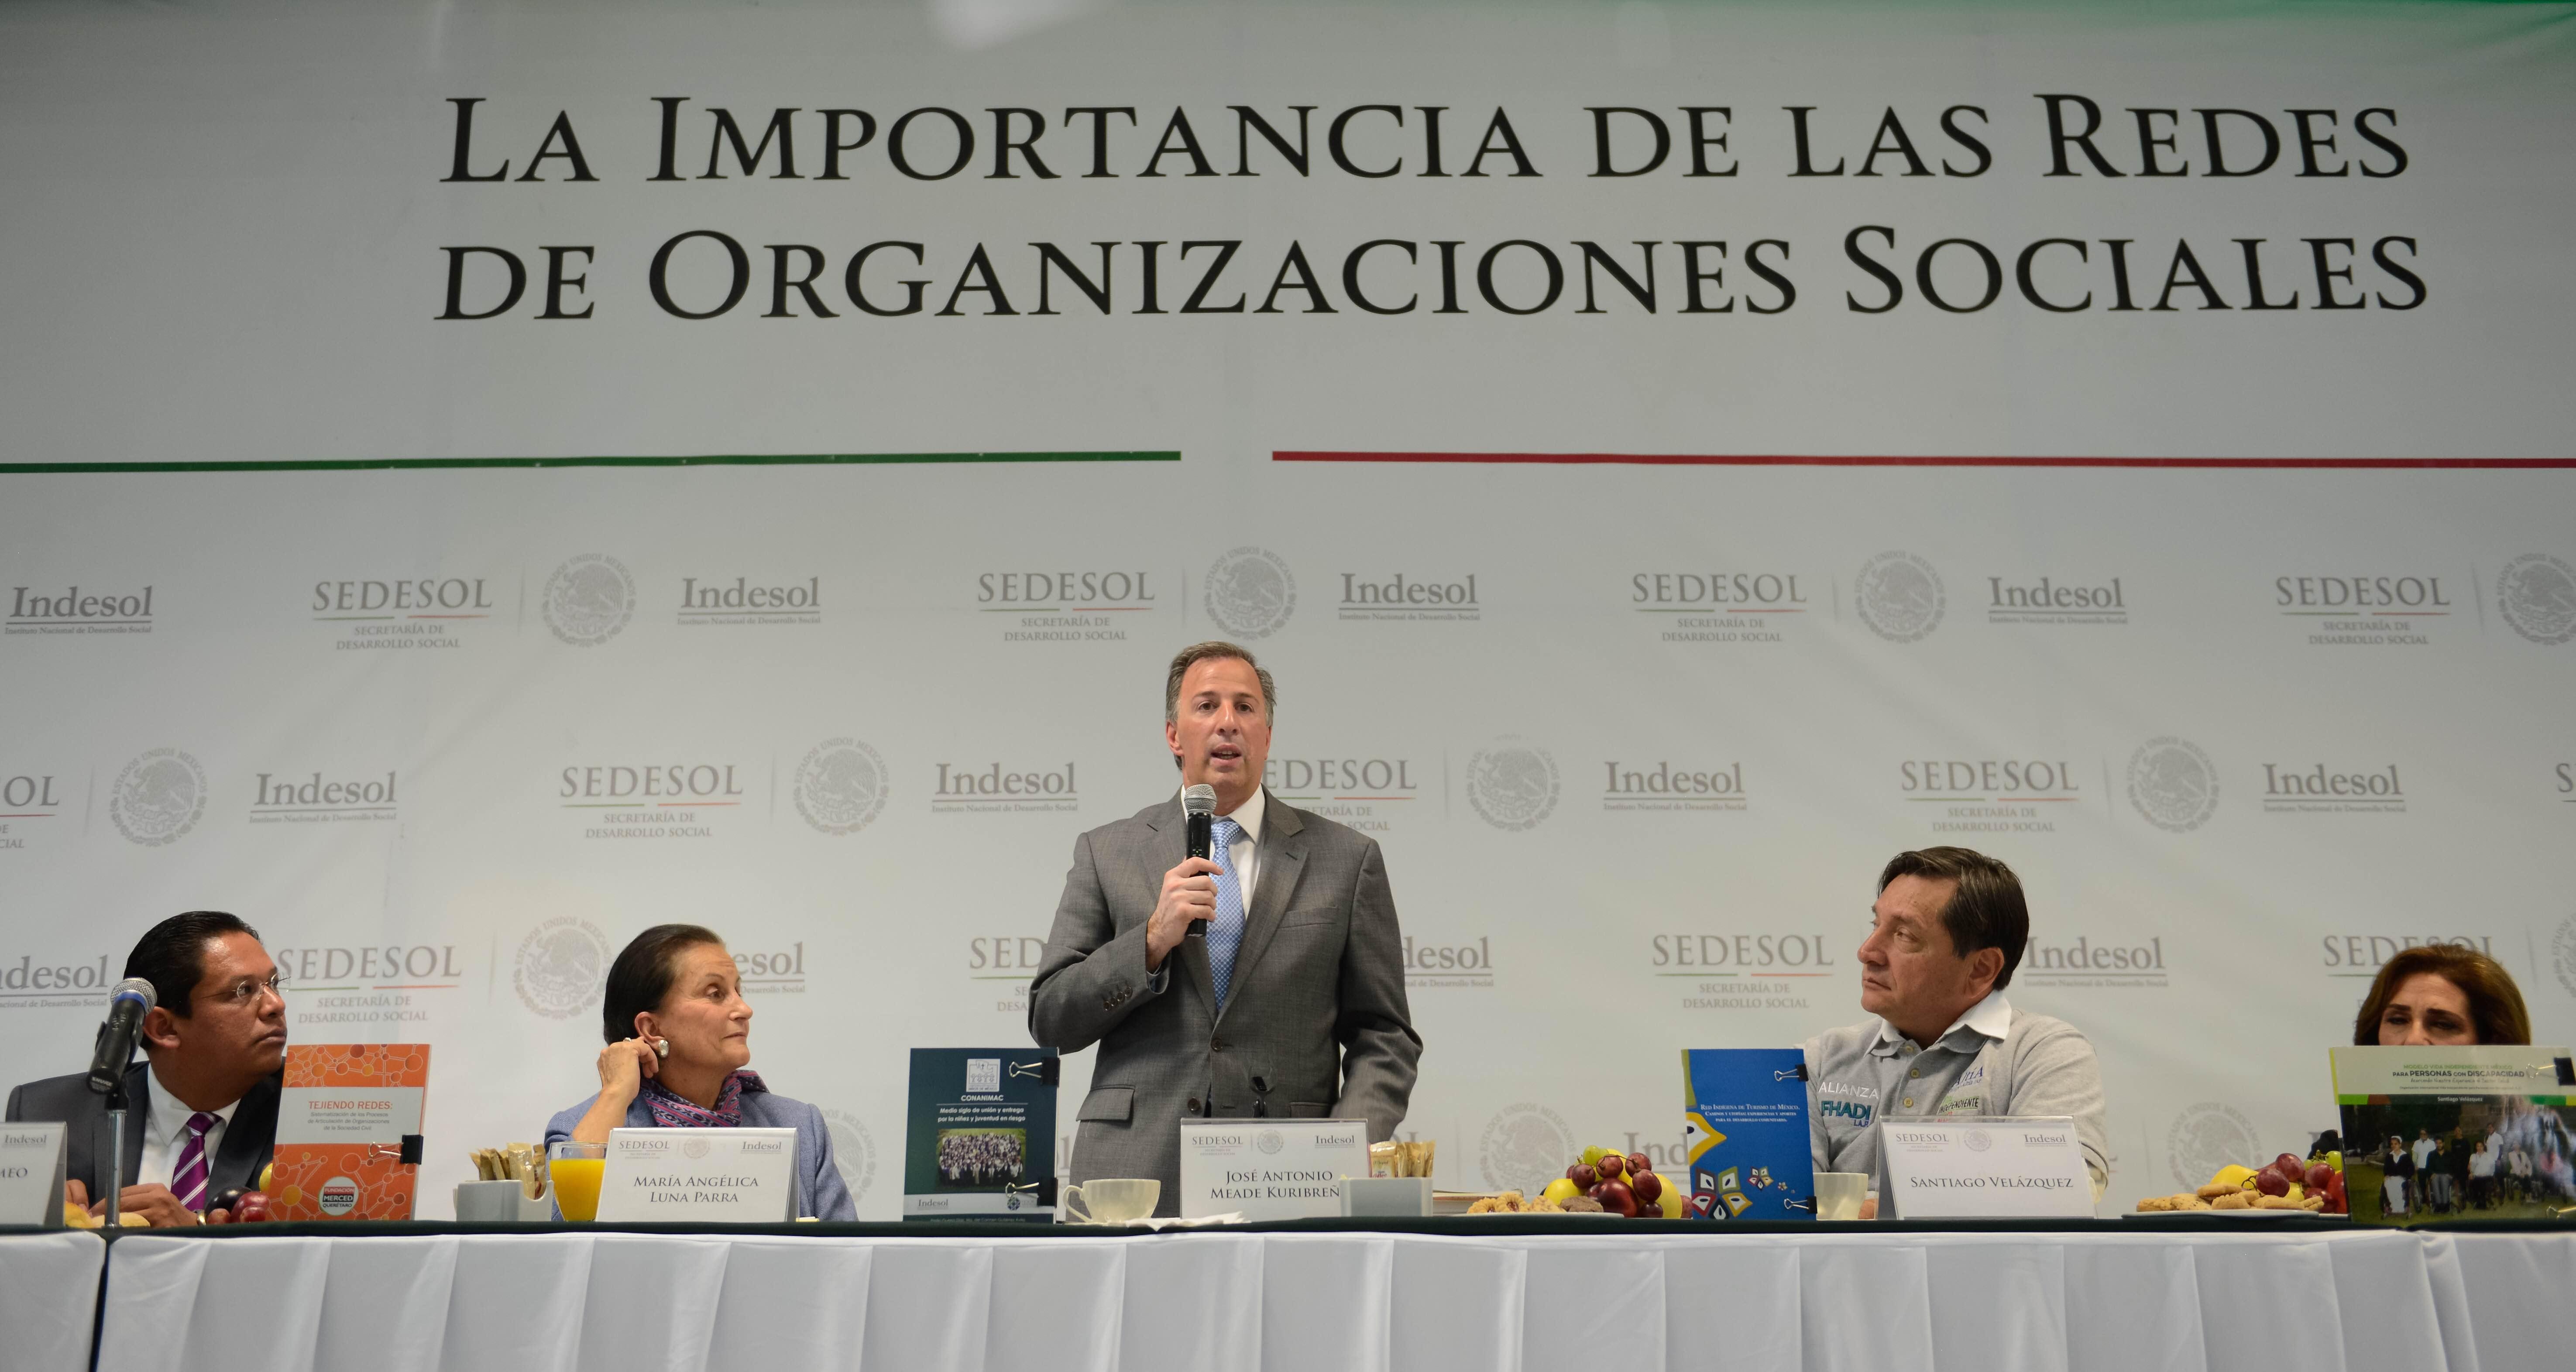 El secretario de Desarrollo Social inauguró el Tercer Ciclo de Seminarios de Investigación del Indesol en materia de Redes de Organizaciones Sociales.